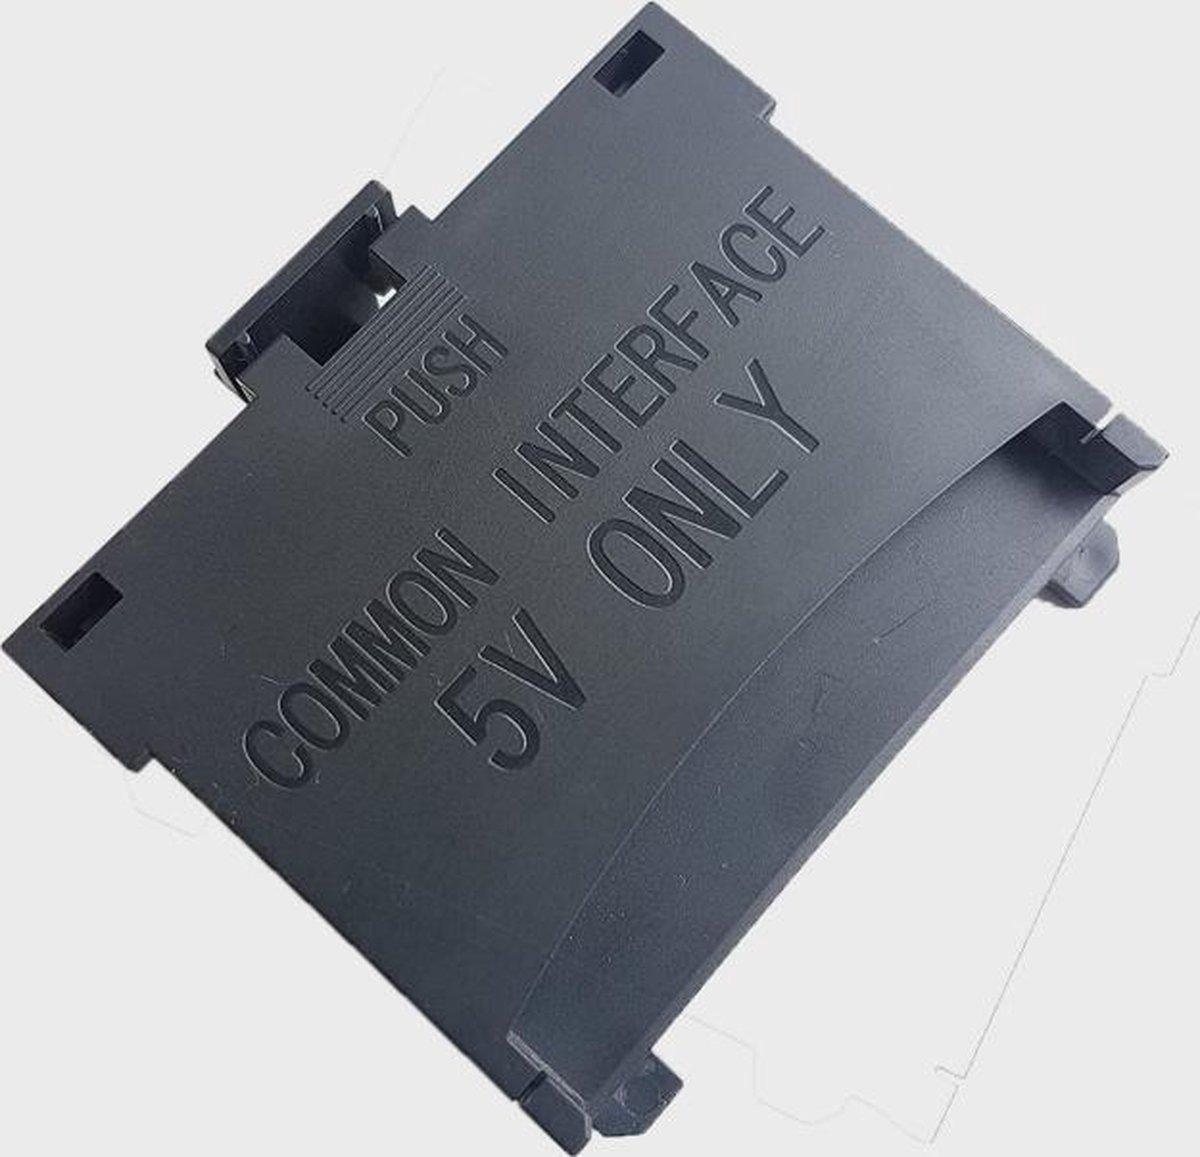 Originele CI+ kaart adapter voor Samsung televisies